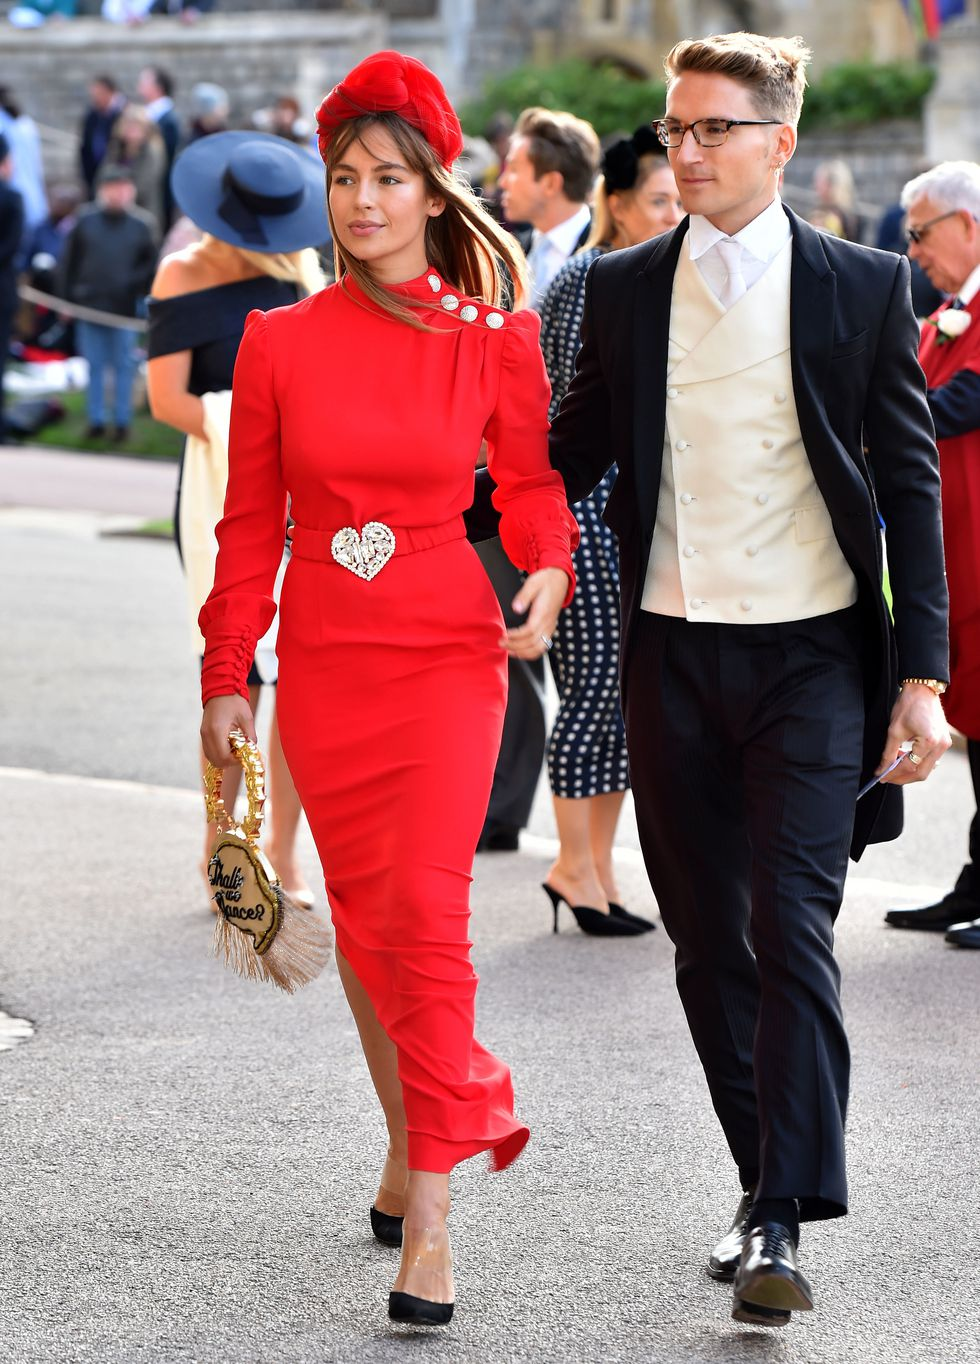 dàn sao đến tham dự đám cưới của công chúa Eugenie 2